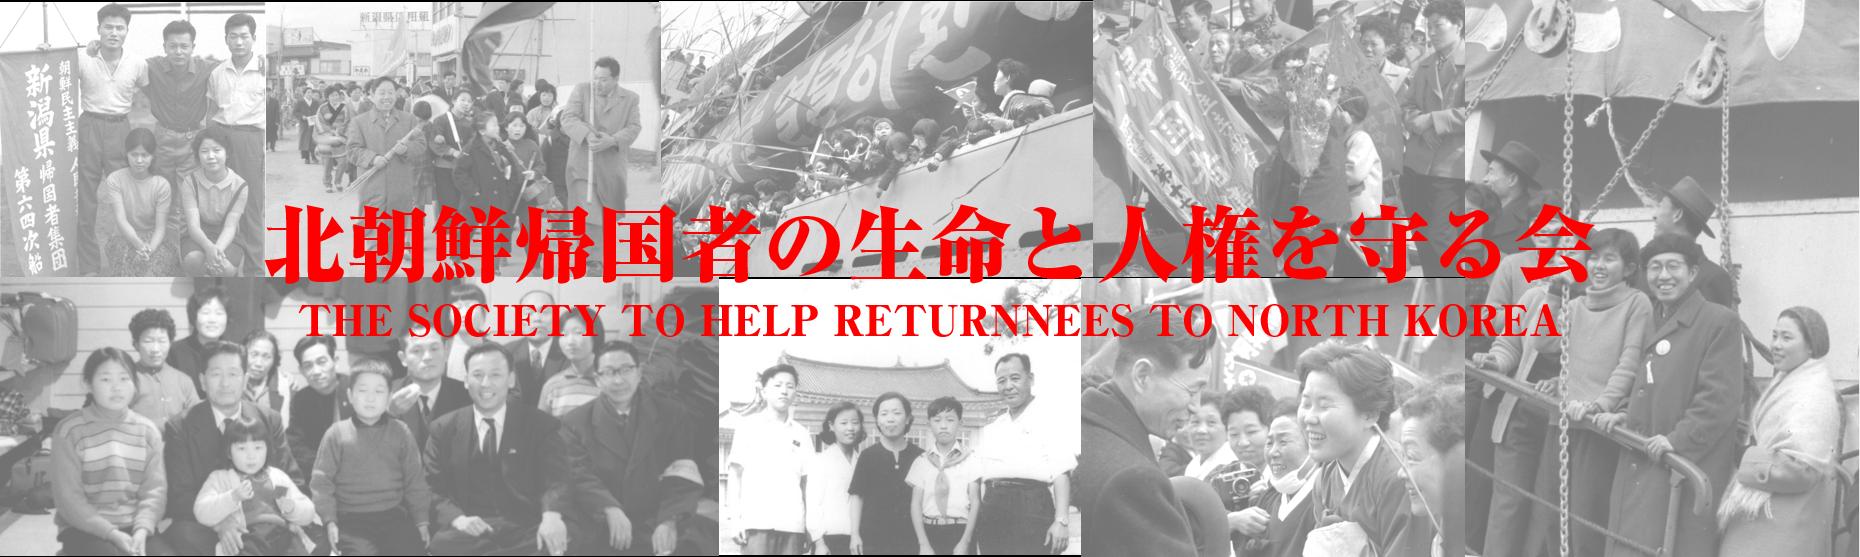 北朝鮮帰国者の生命と人権を守る会